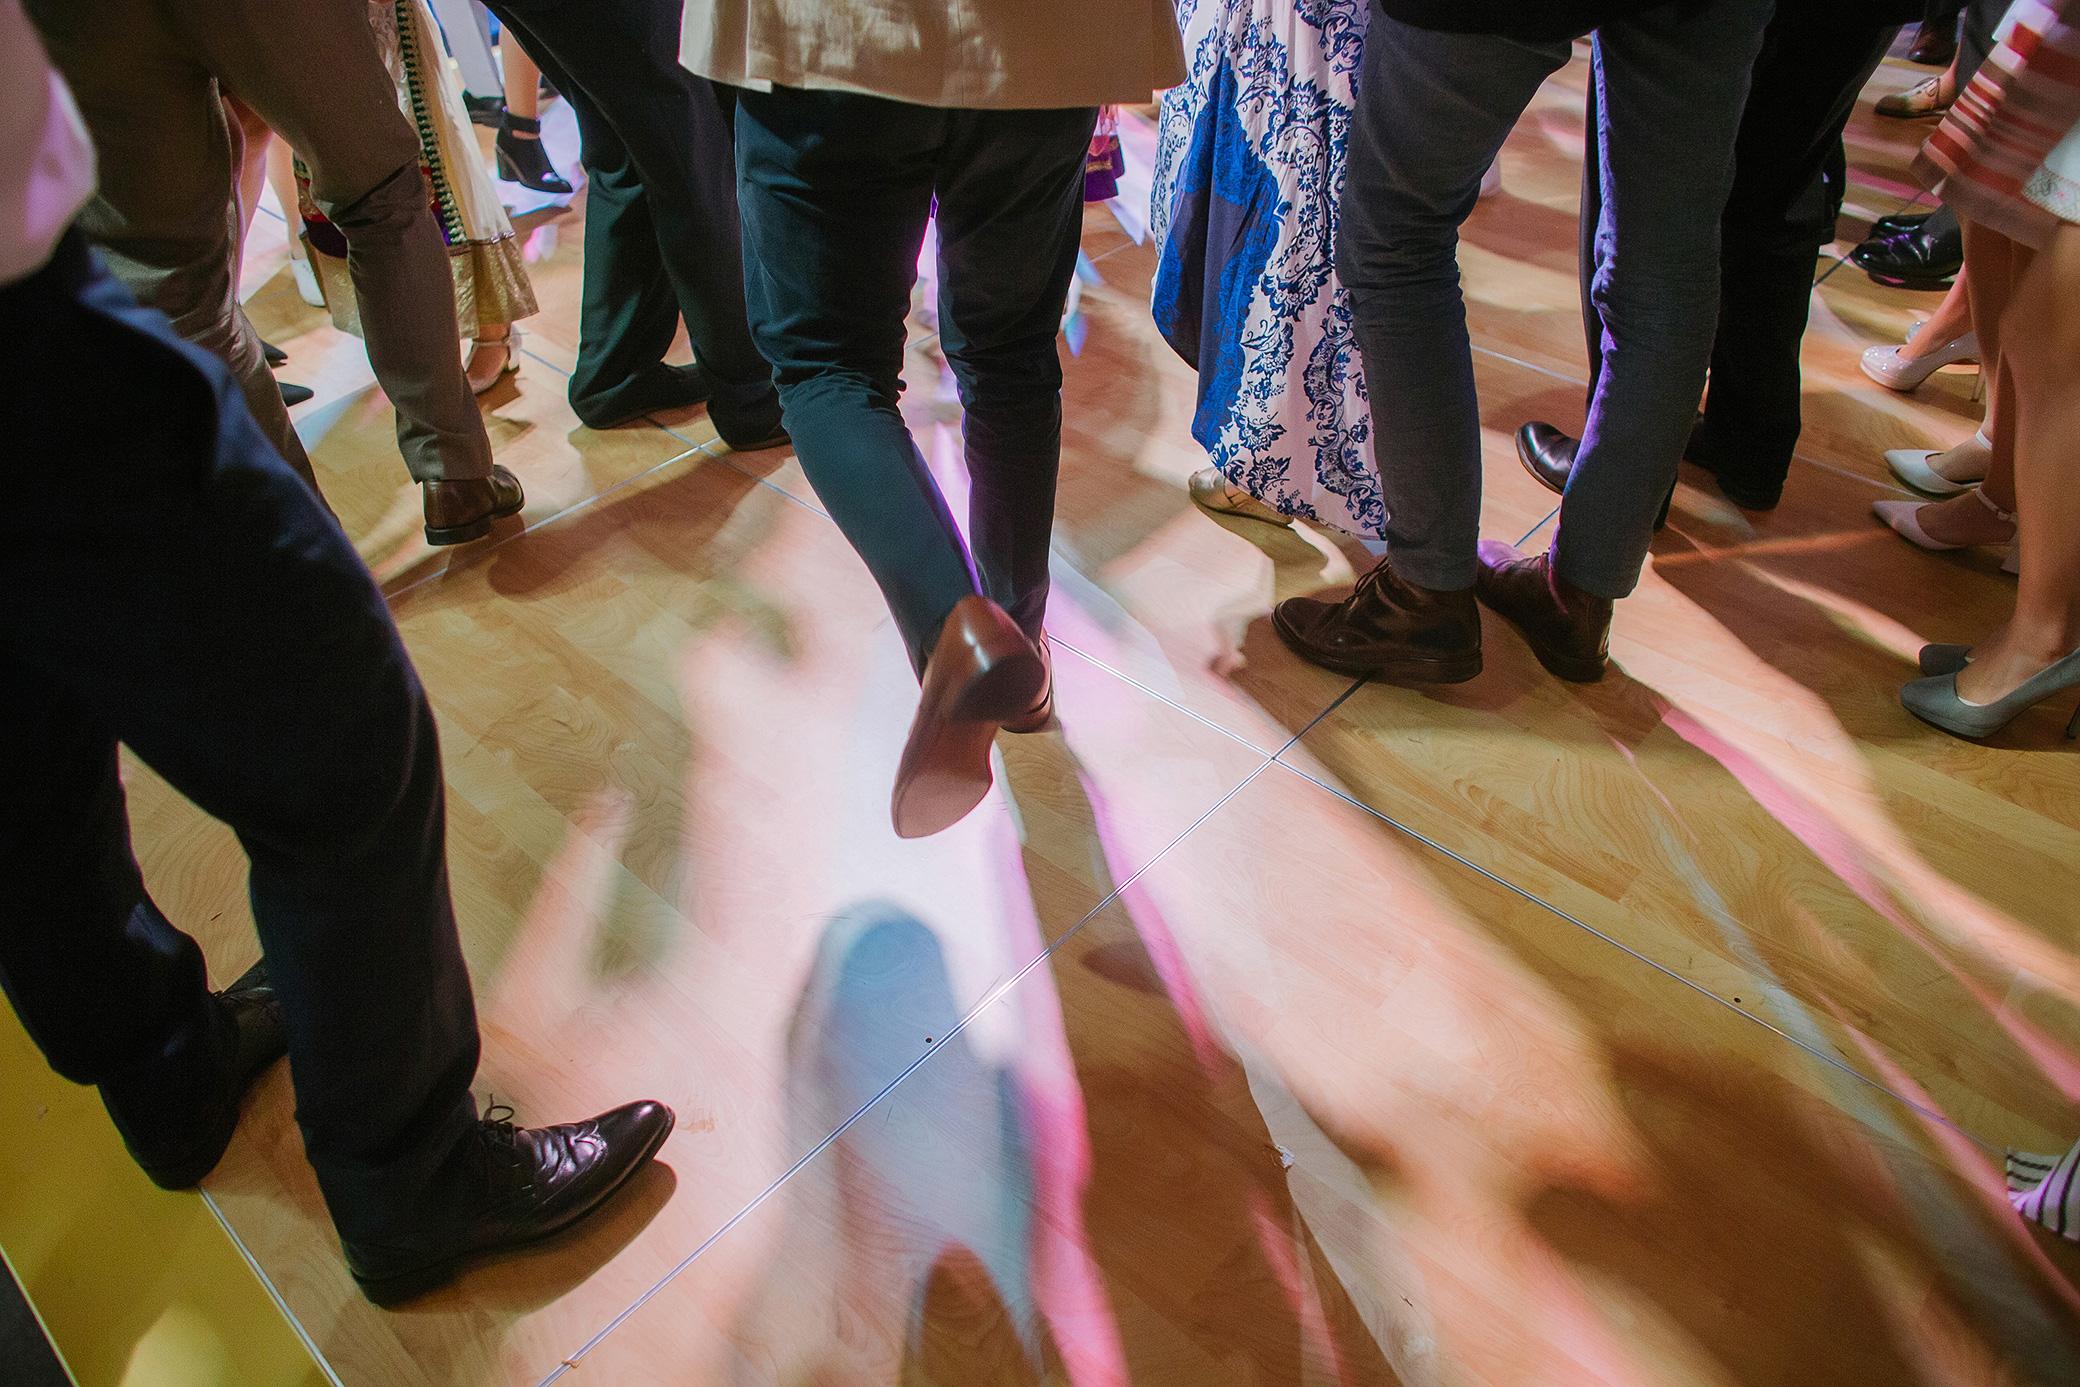 nickchang-wedding-%e5%af%92%e8%88%8d%e8%89%be%e9%ba%97-fineart-70